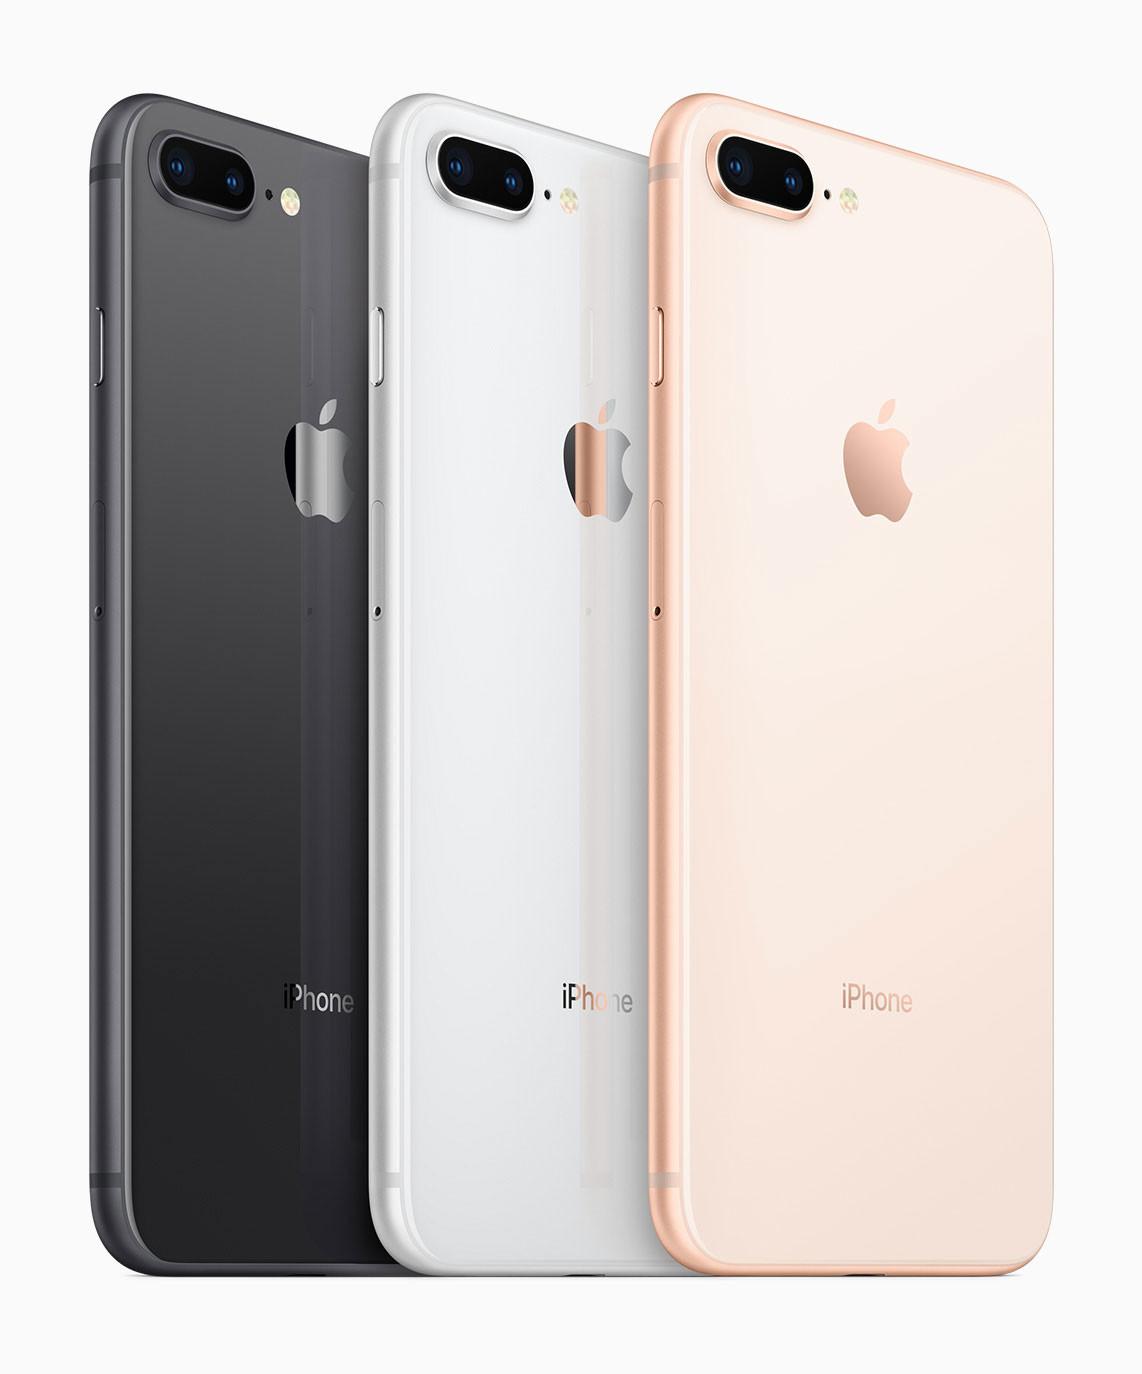 iphone 8 plus lanzamiento oficial_2